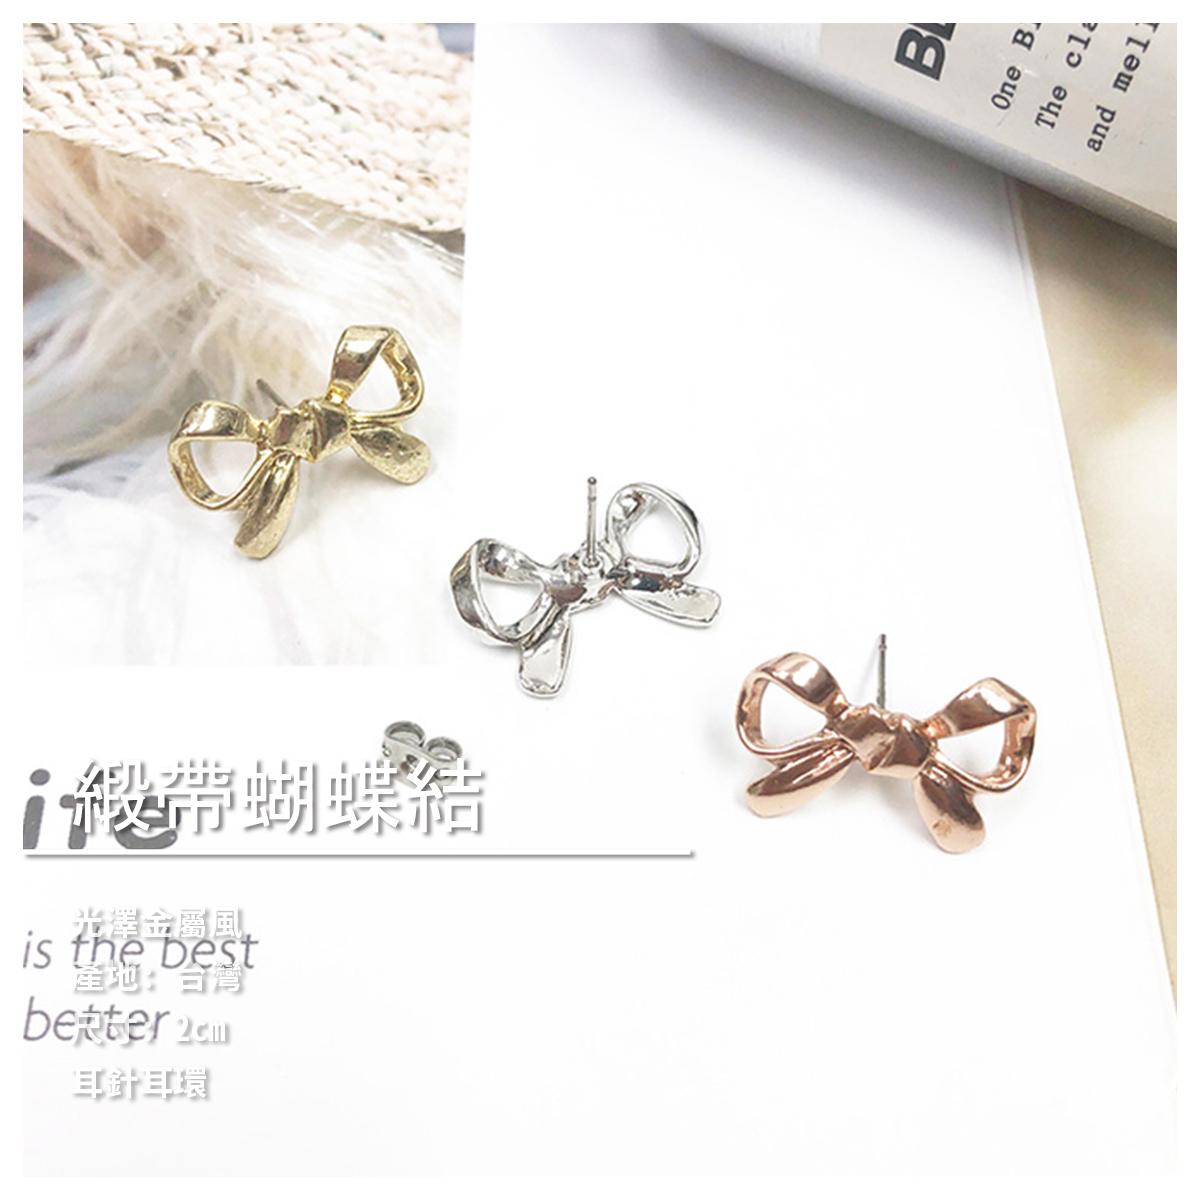 【JG飾品】光澤金屬風 緞帶蝴蝶結 耳針耳環 3款